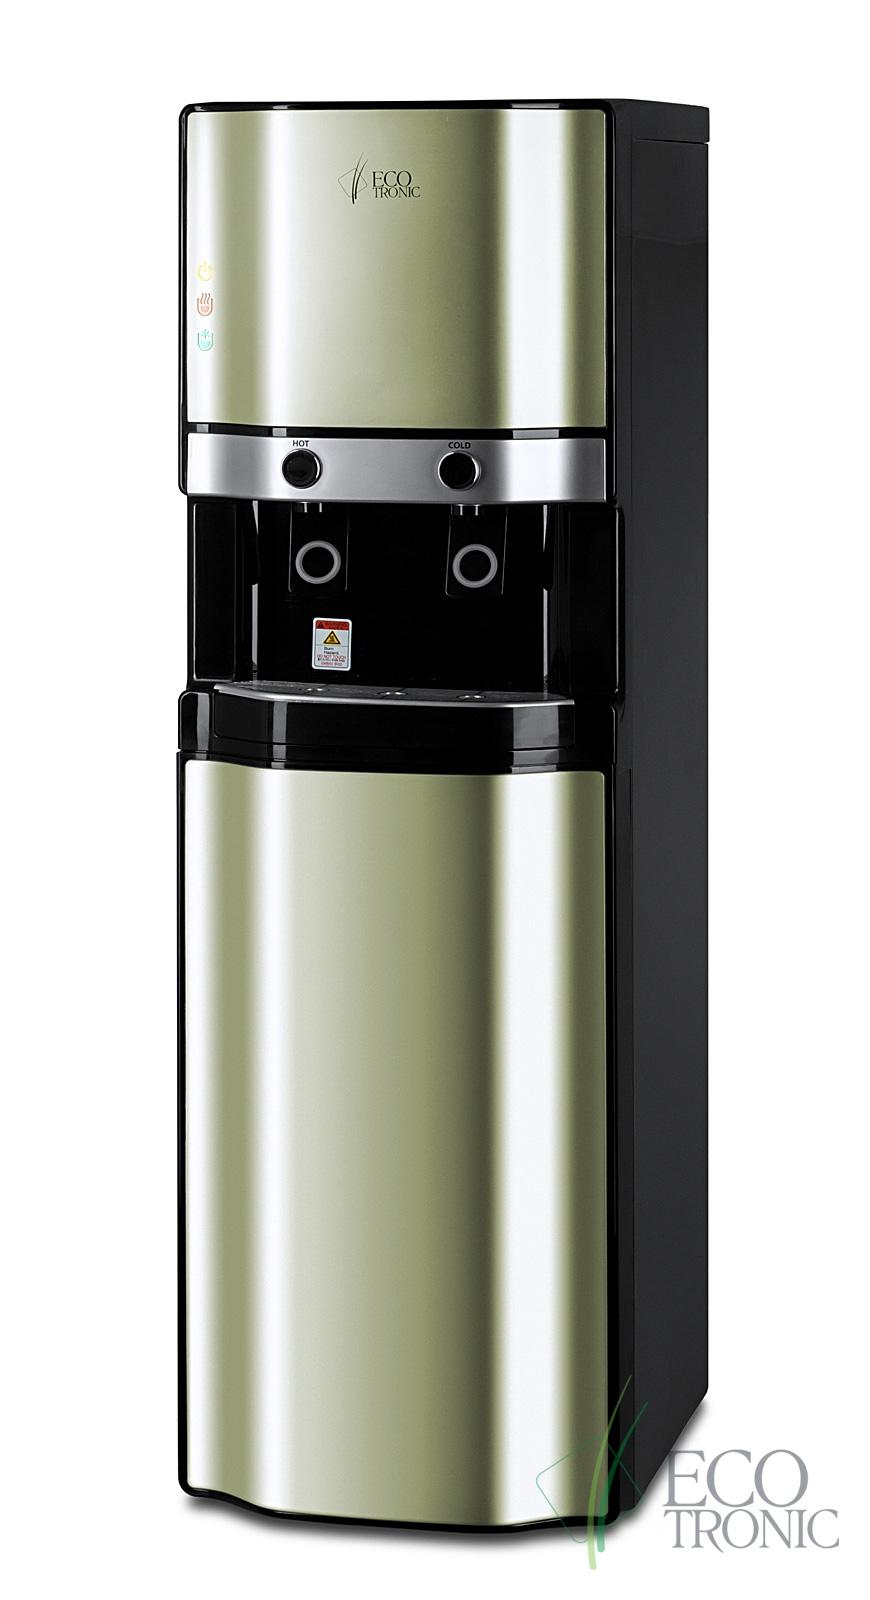 Пурифайер Ecotronic A30-U4L ExtraHot gold - 3